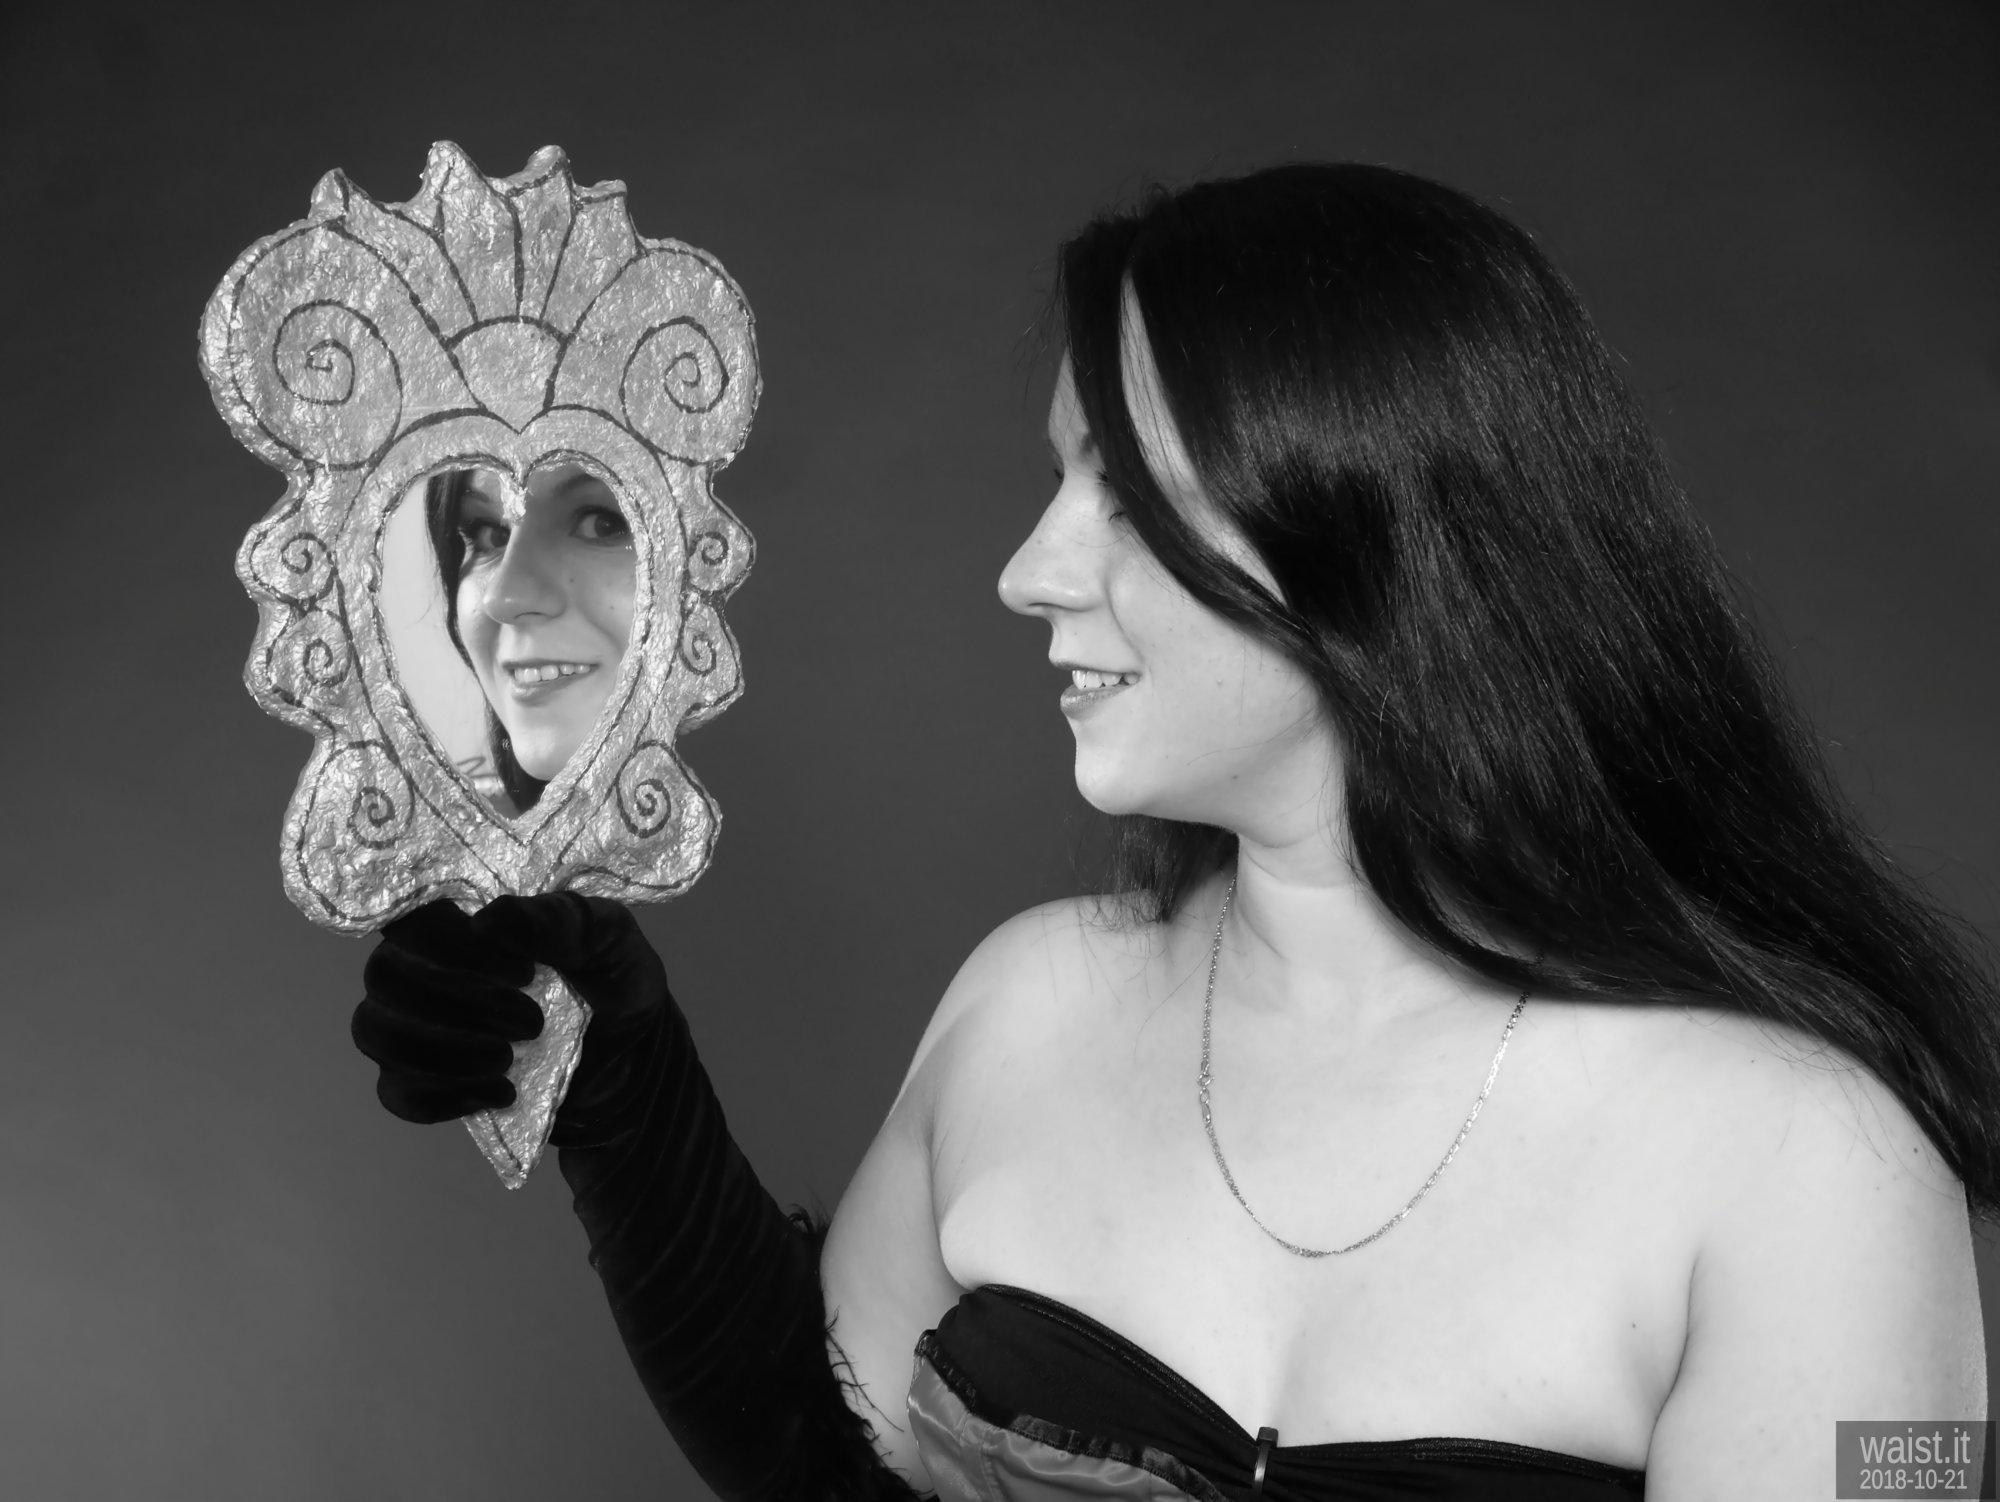 2018-10-21 Darya (DaryaM) head shot with mirror